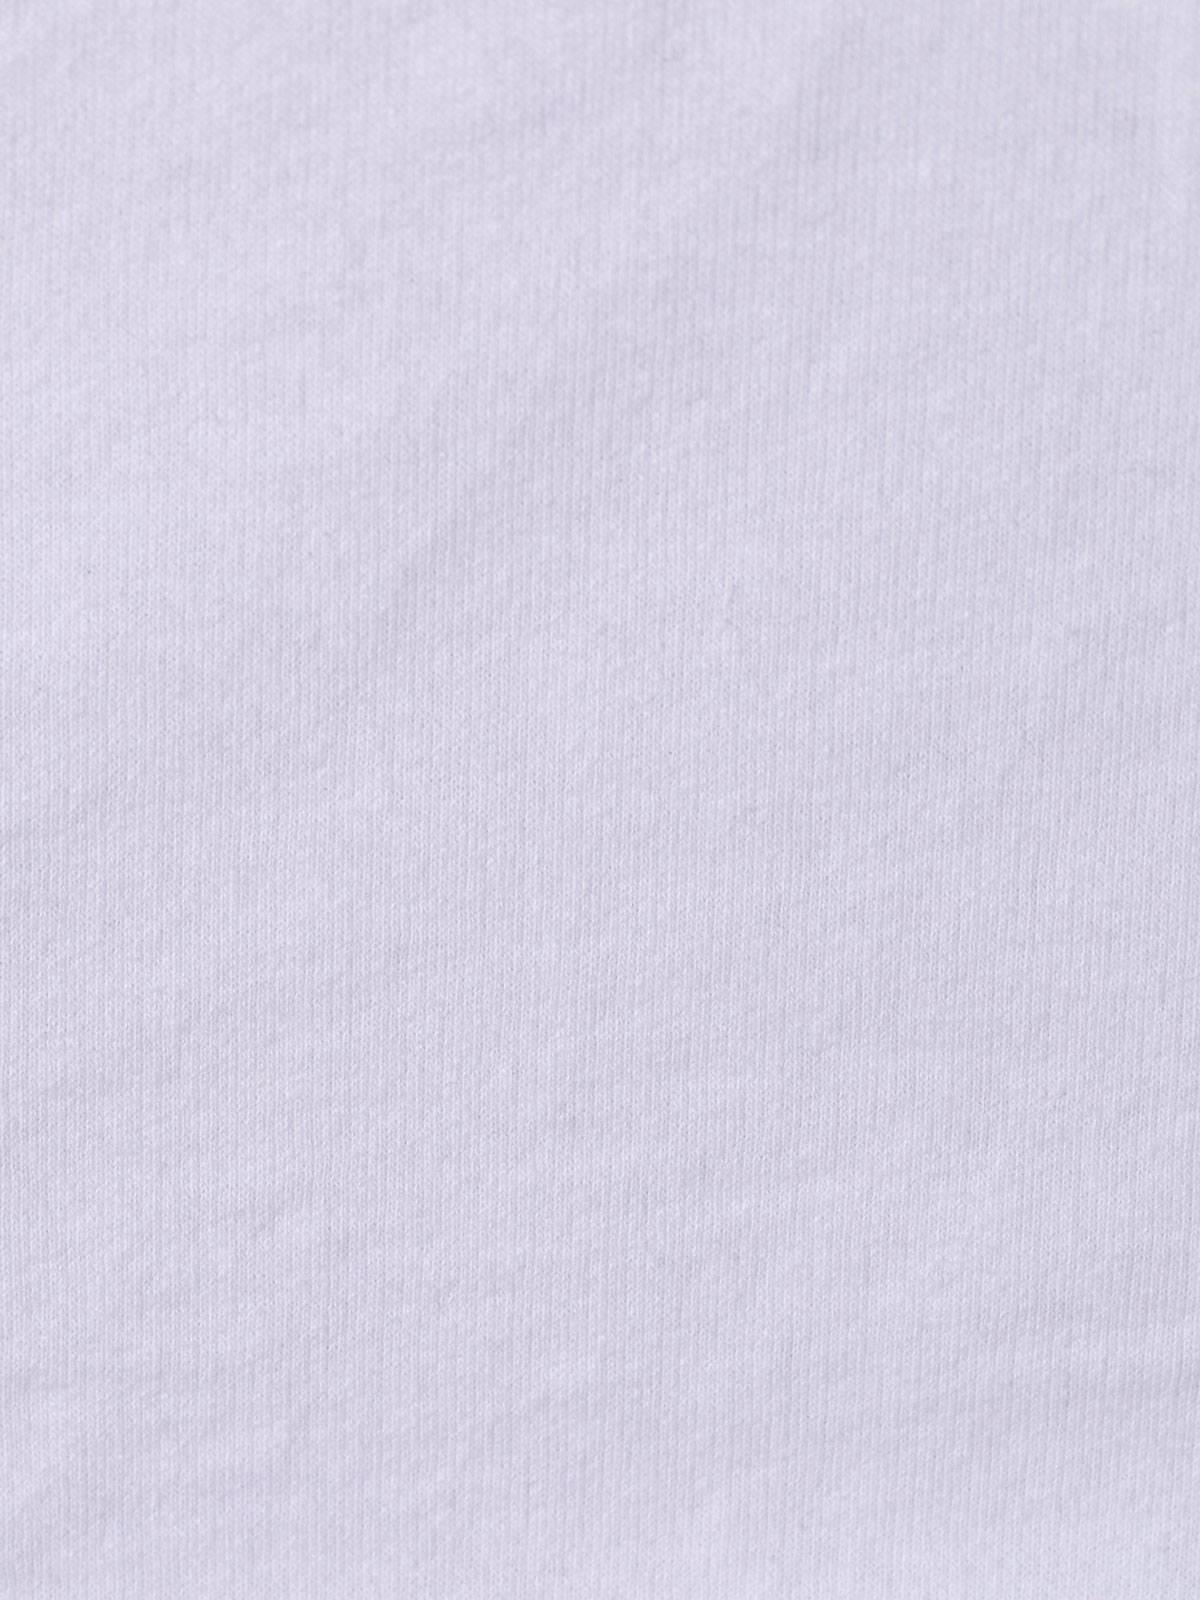 Sudadera mujer oversize raquetas retro Blanco